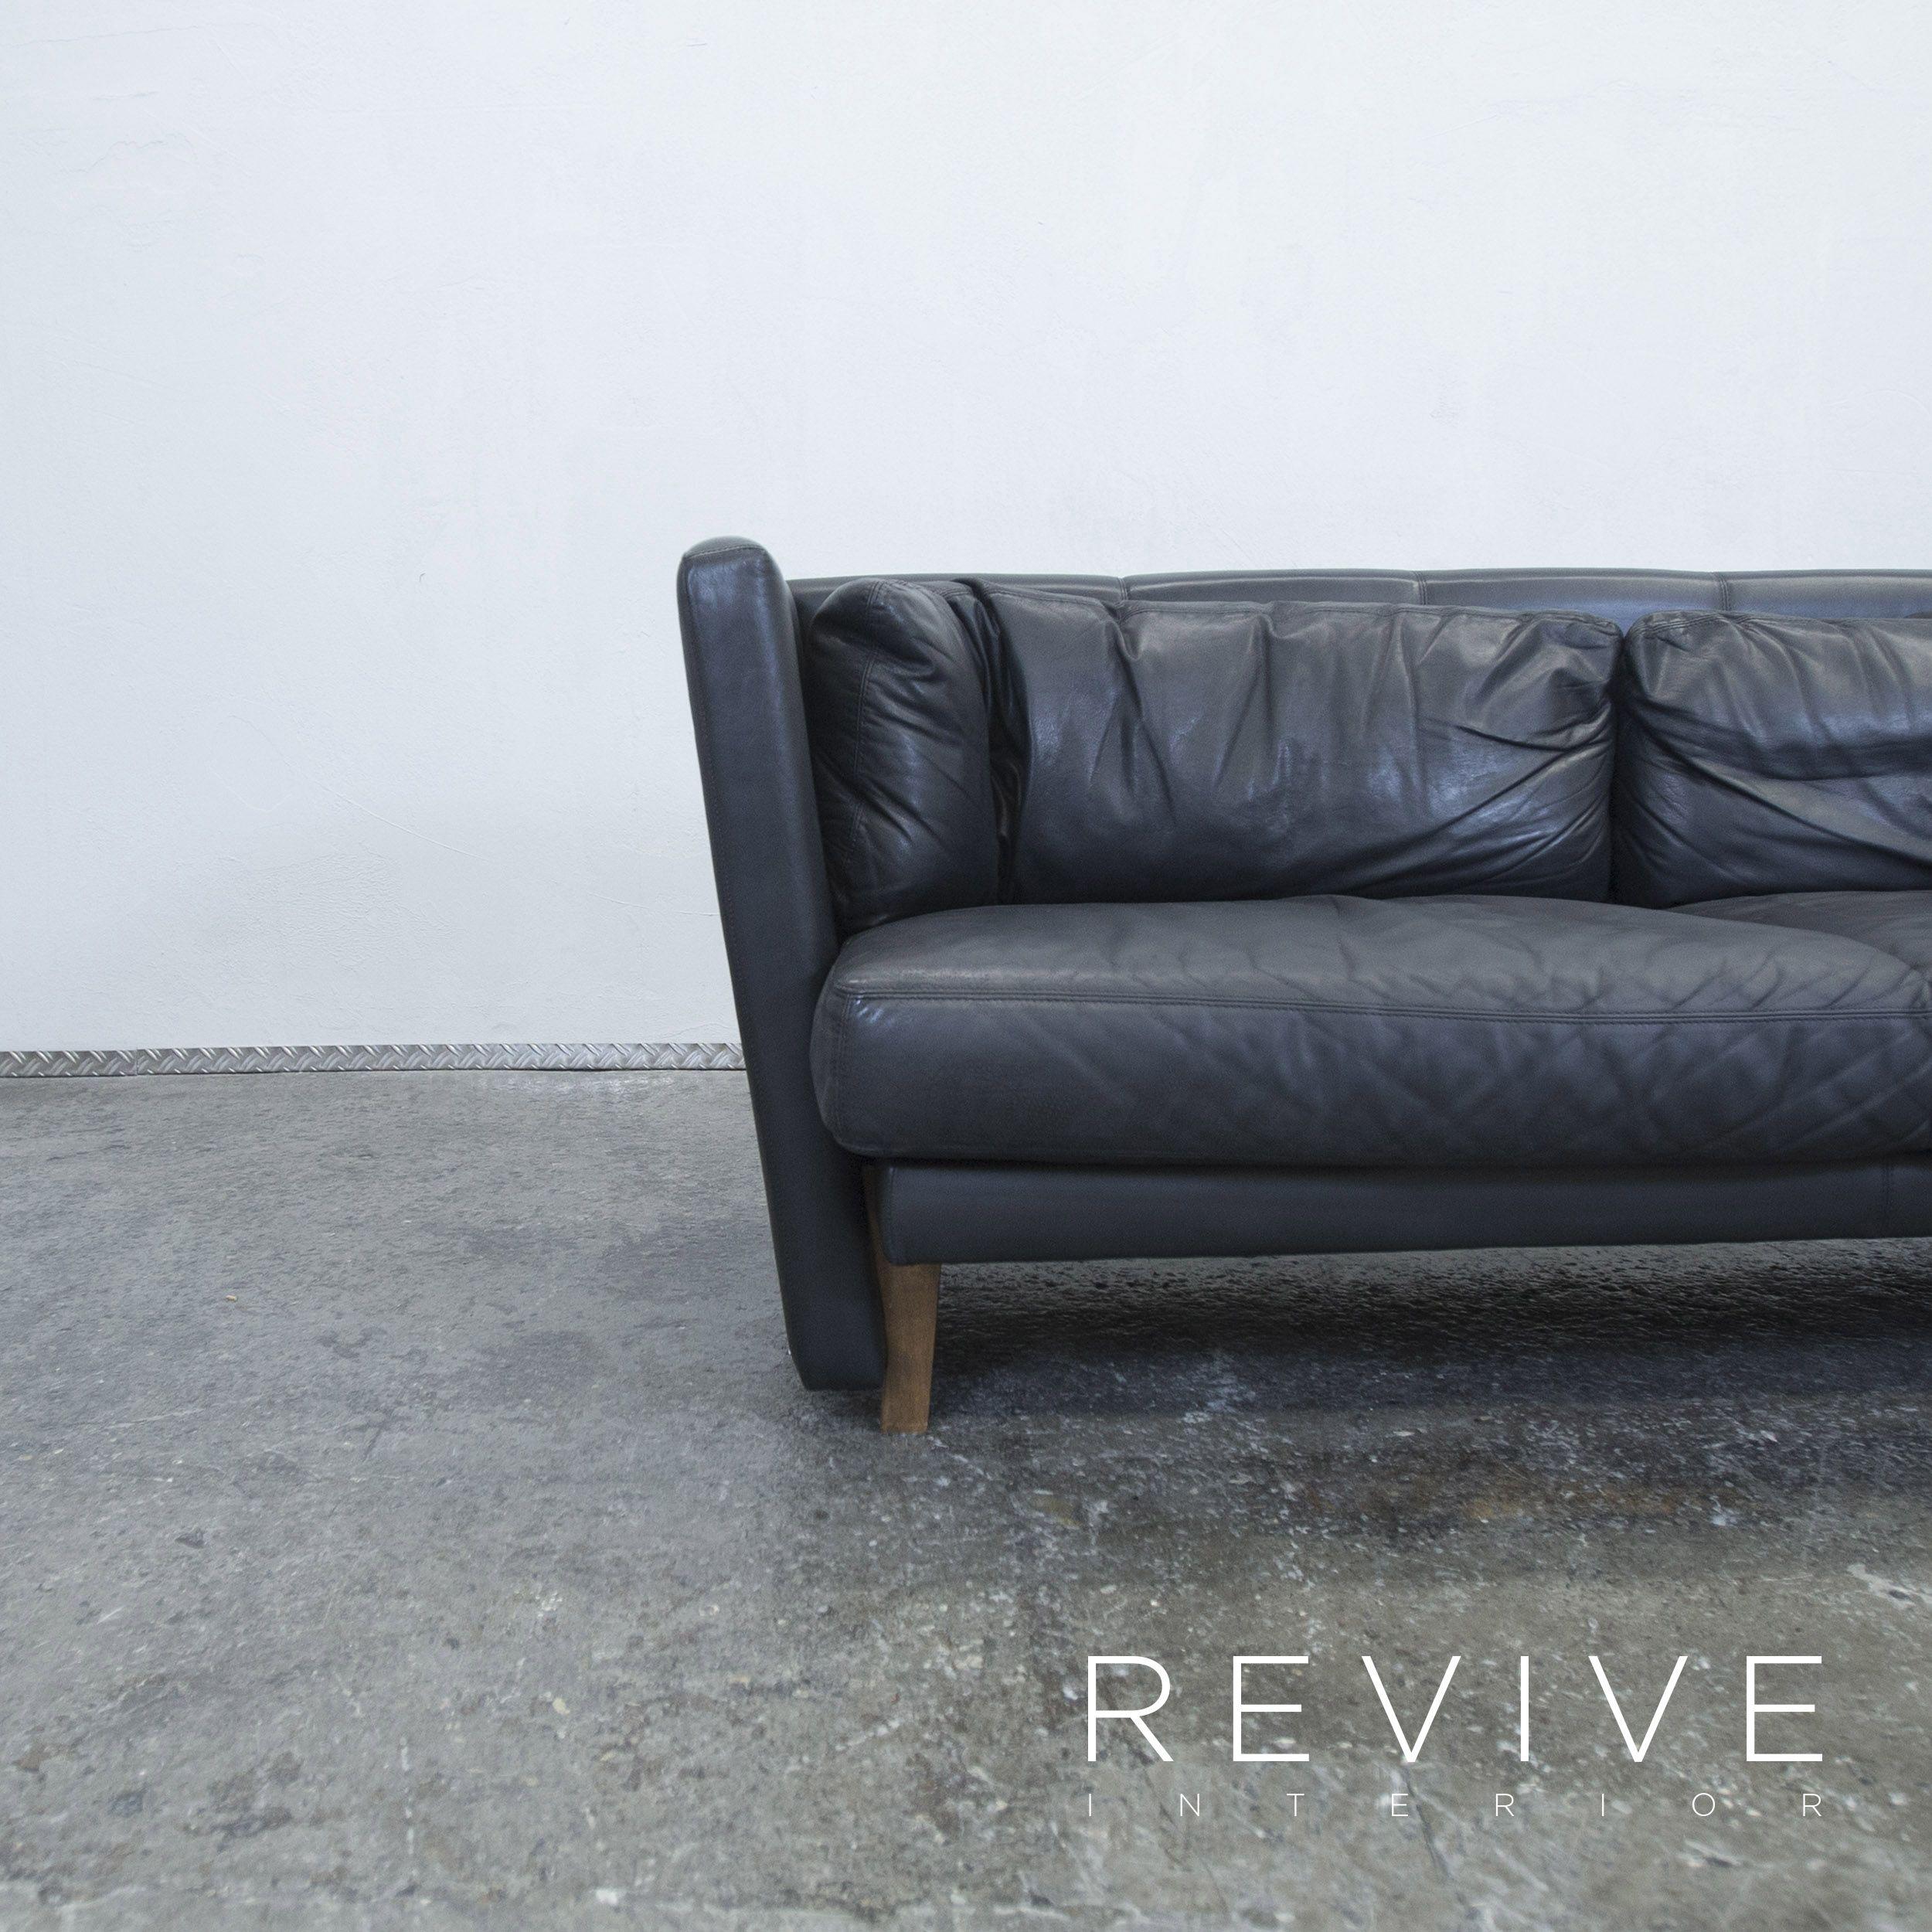 75 Minimalist Bilder Von Couch Zweisitzer Top Grain Leather Sofa Genuine Leather Sofa Leather Sofa Sale